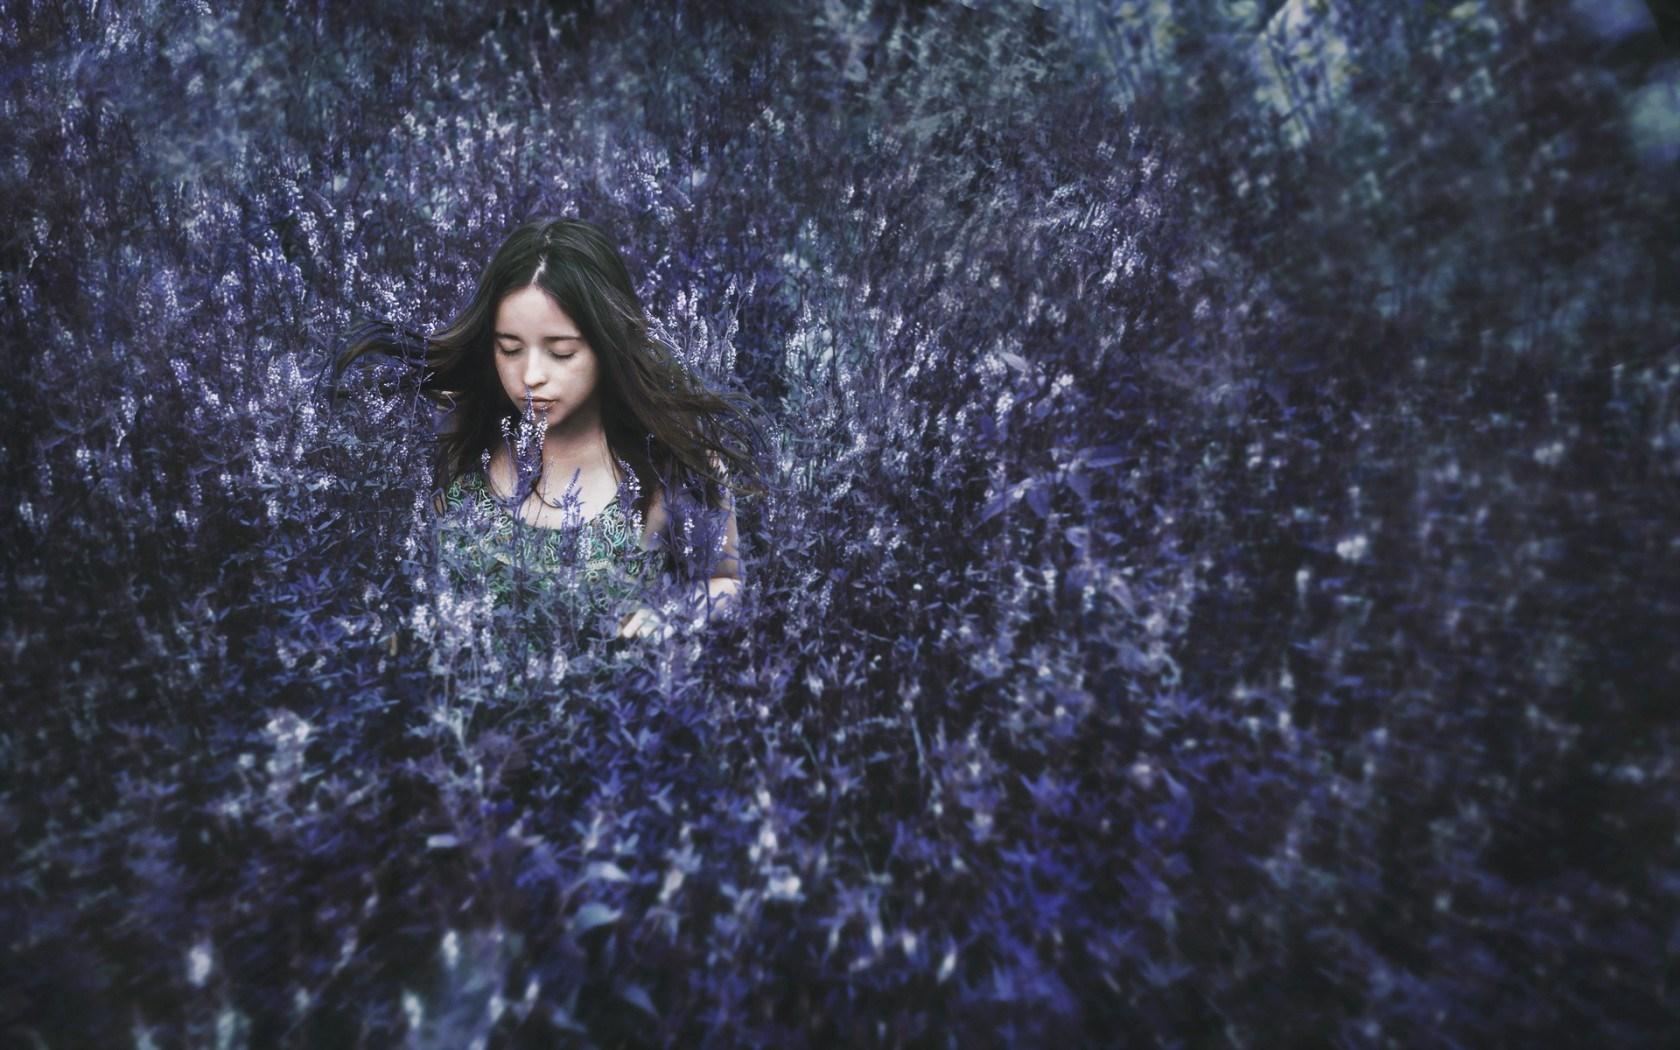 girl-field-flowers-mood-hd-wallpaper